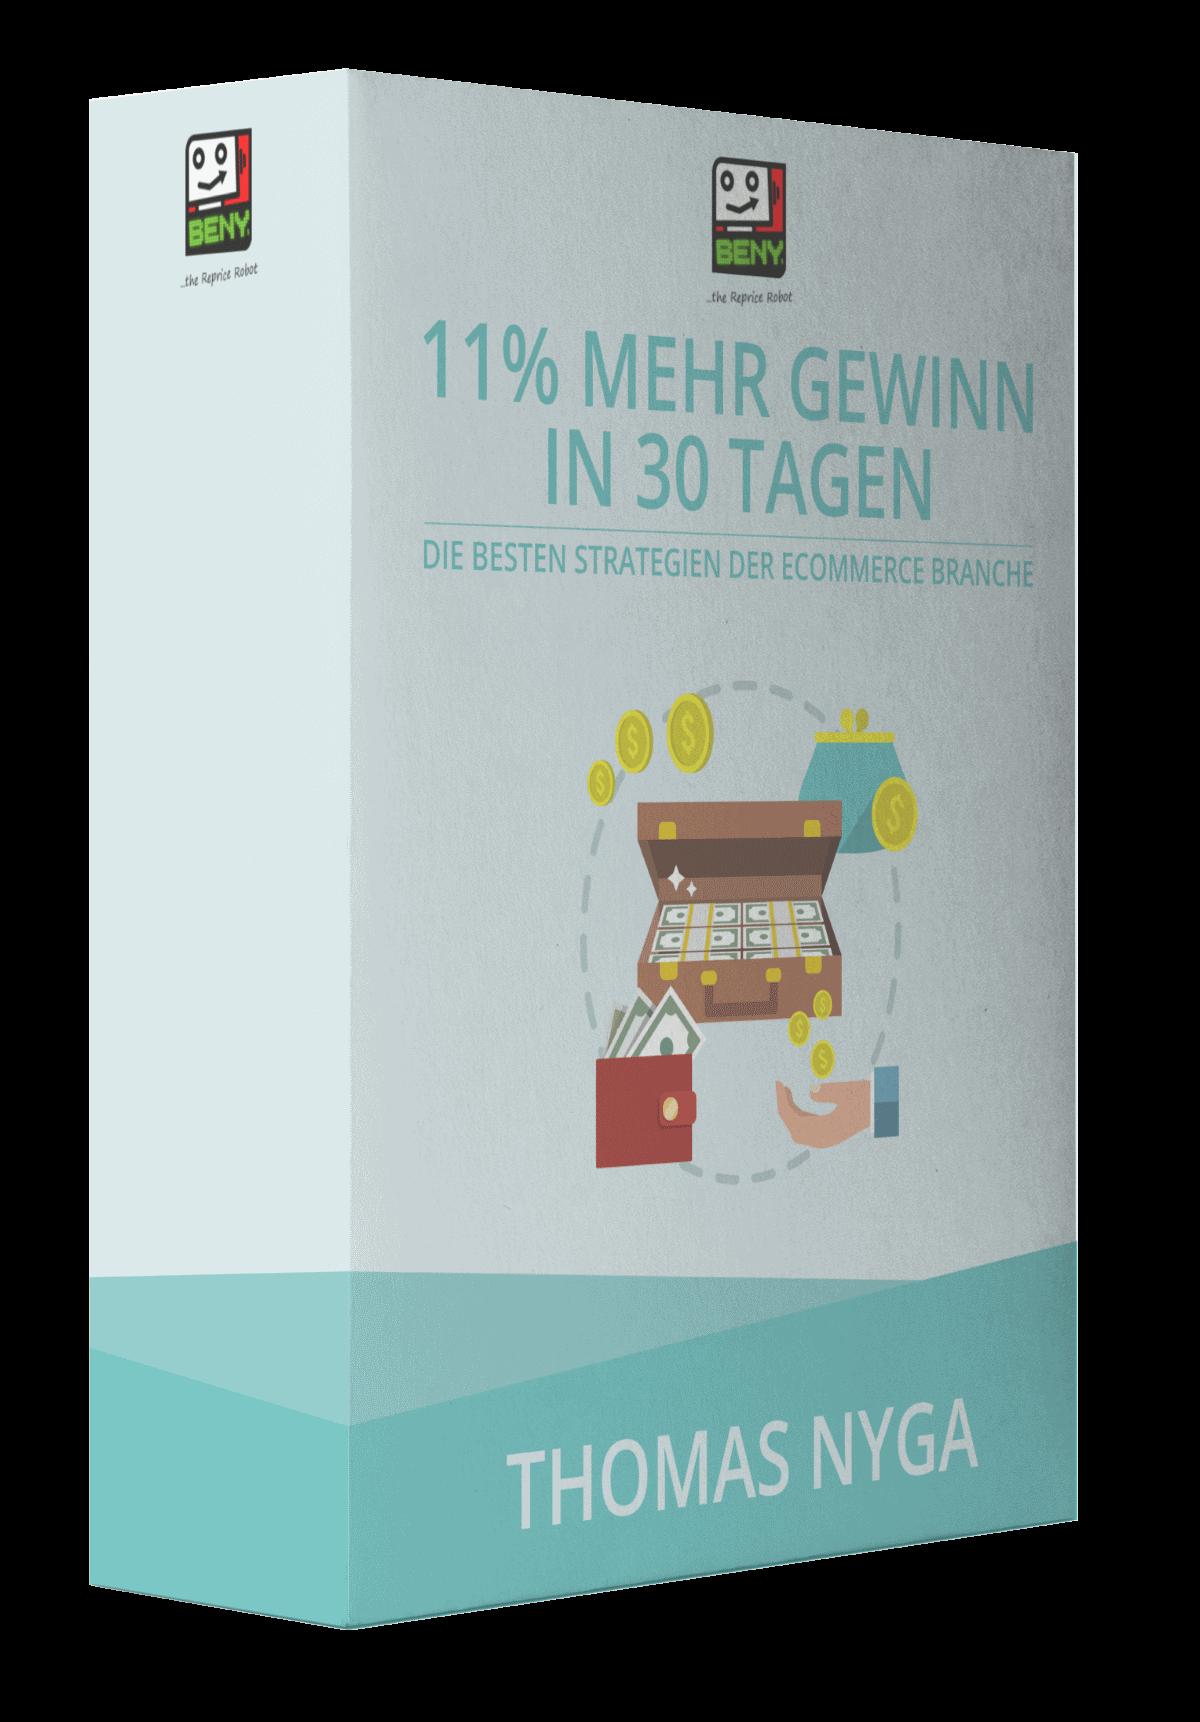 E-Mail-Kurs: 11% mehr Gewinn mit den besten Strategien der eCommerce-Branche